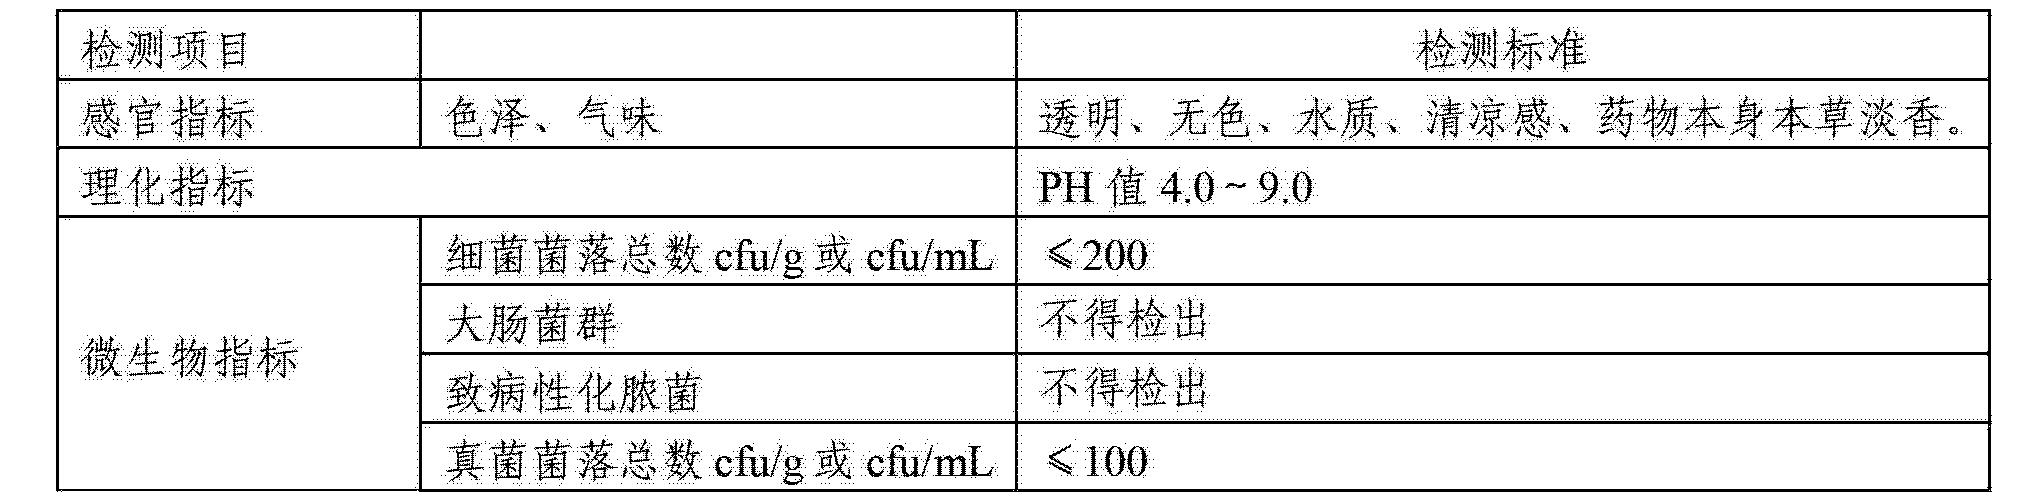 Figure CN102697830BD00111